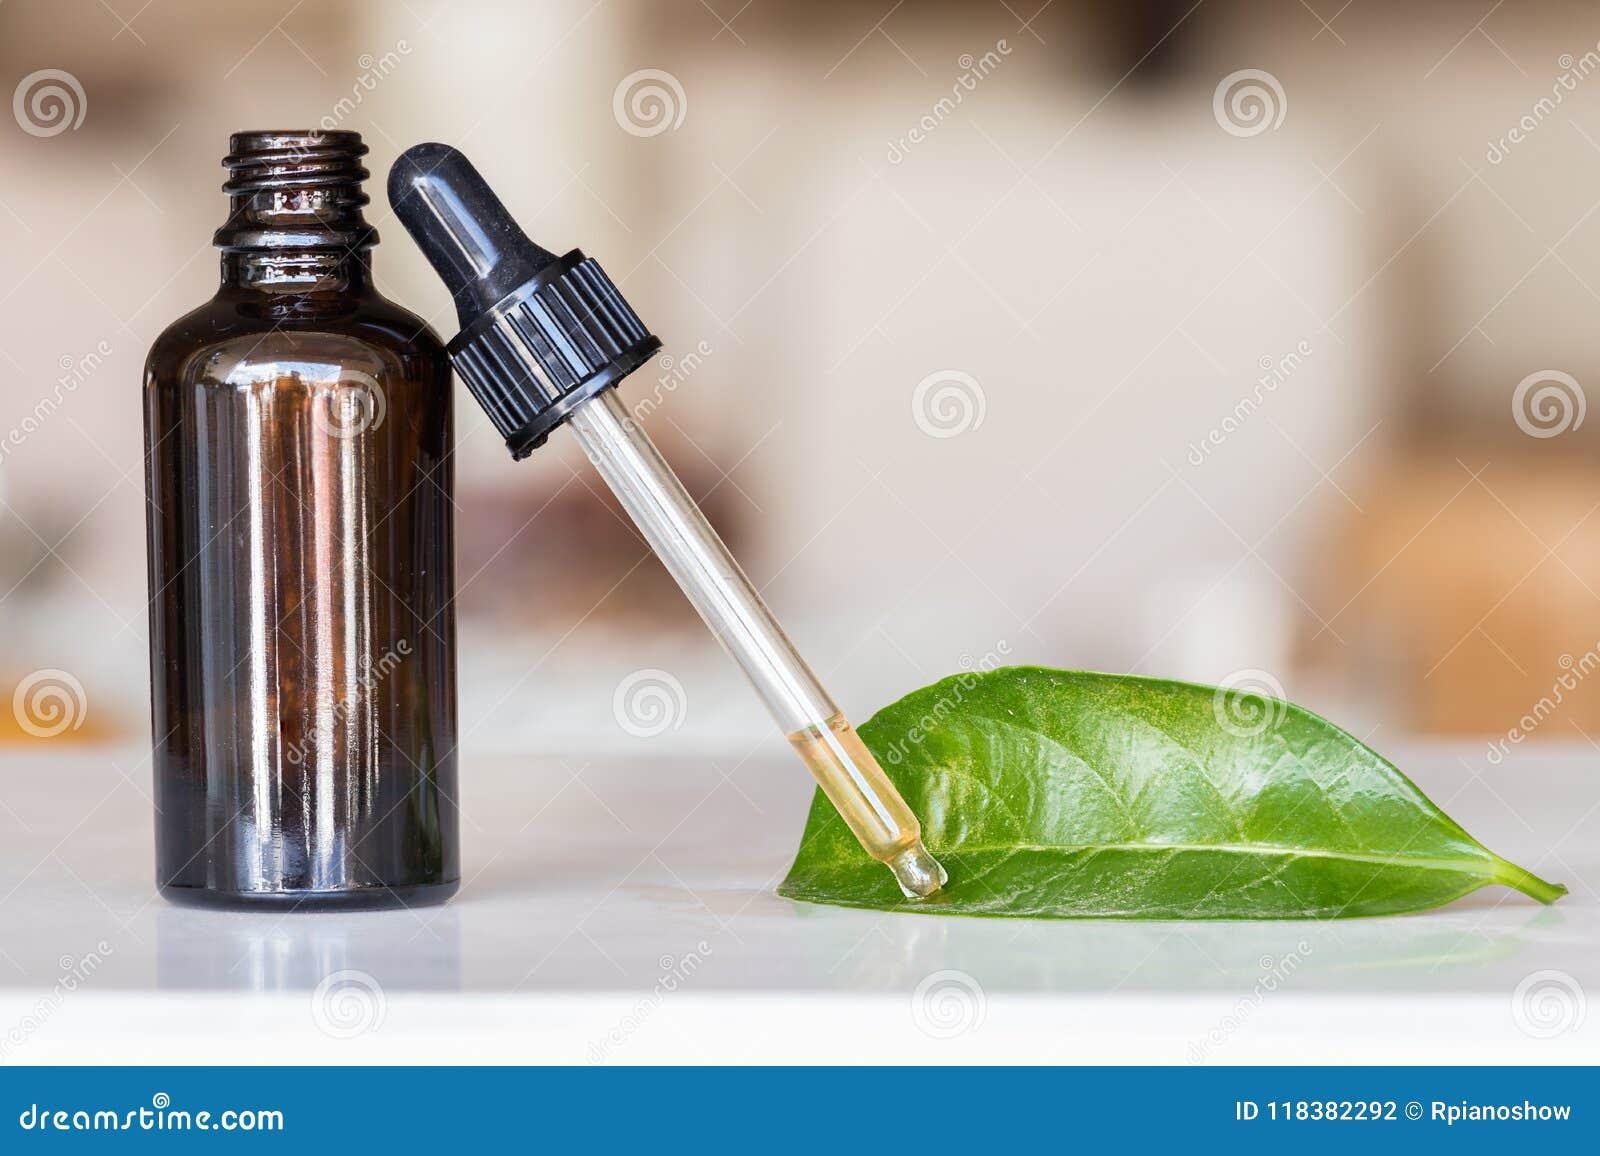 Droppglass med flytande med en flaska och ett grönt blad